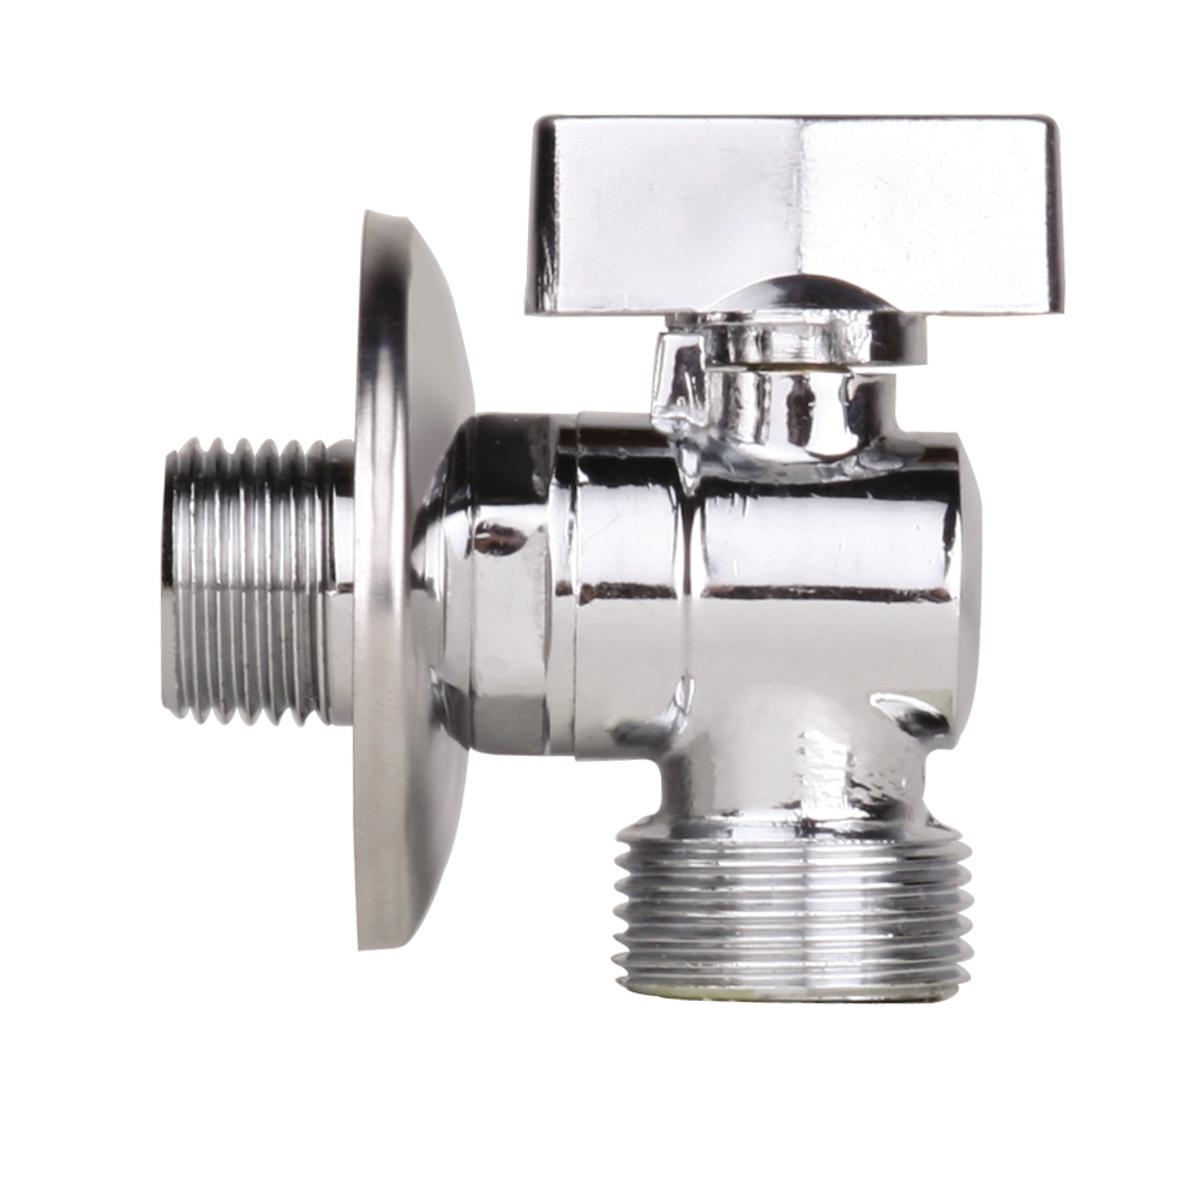 Кран шаровый Jif 261, хромированный, резьба: наружная-наружная, 1/2 х 1/2BA320AAКран шаровый Jif 261 усиленный, угловой предназначен для подключения стационарных приборов с отражателем 1/2 х 1/2. Шаровый кран имеет резьбу: наружная/наружная и хромированное покрытие, предназначен для подключения к холодной и горячей водопроводной сети санитарных приборов (смывных бачков, смесителей, стиральных и посудомоечных машин и пр.) с помощью гибких соединителей с накидной гайкой. Кран позволяет перекрывать подачу воды к конкретному источнику потребления воды.